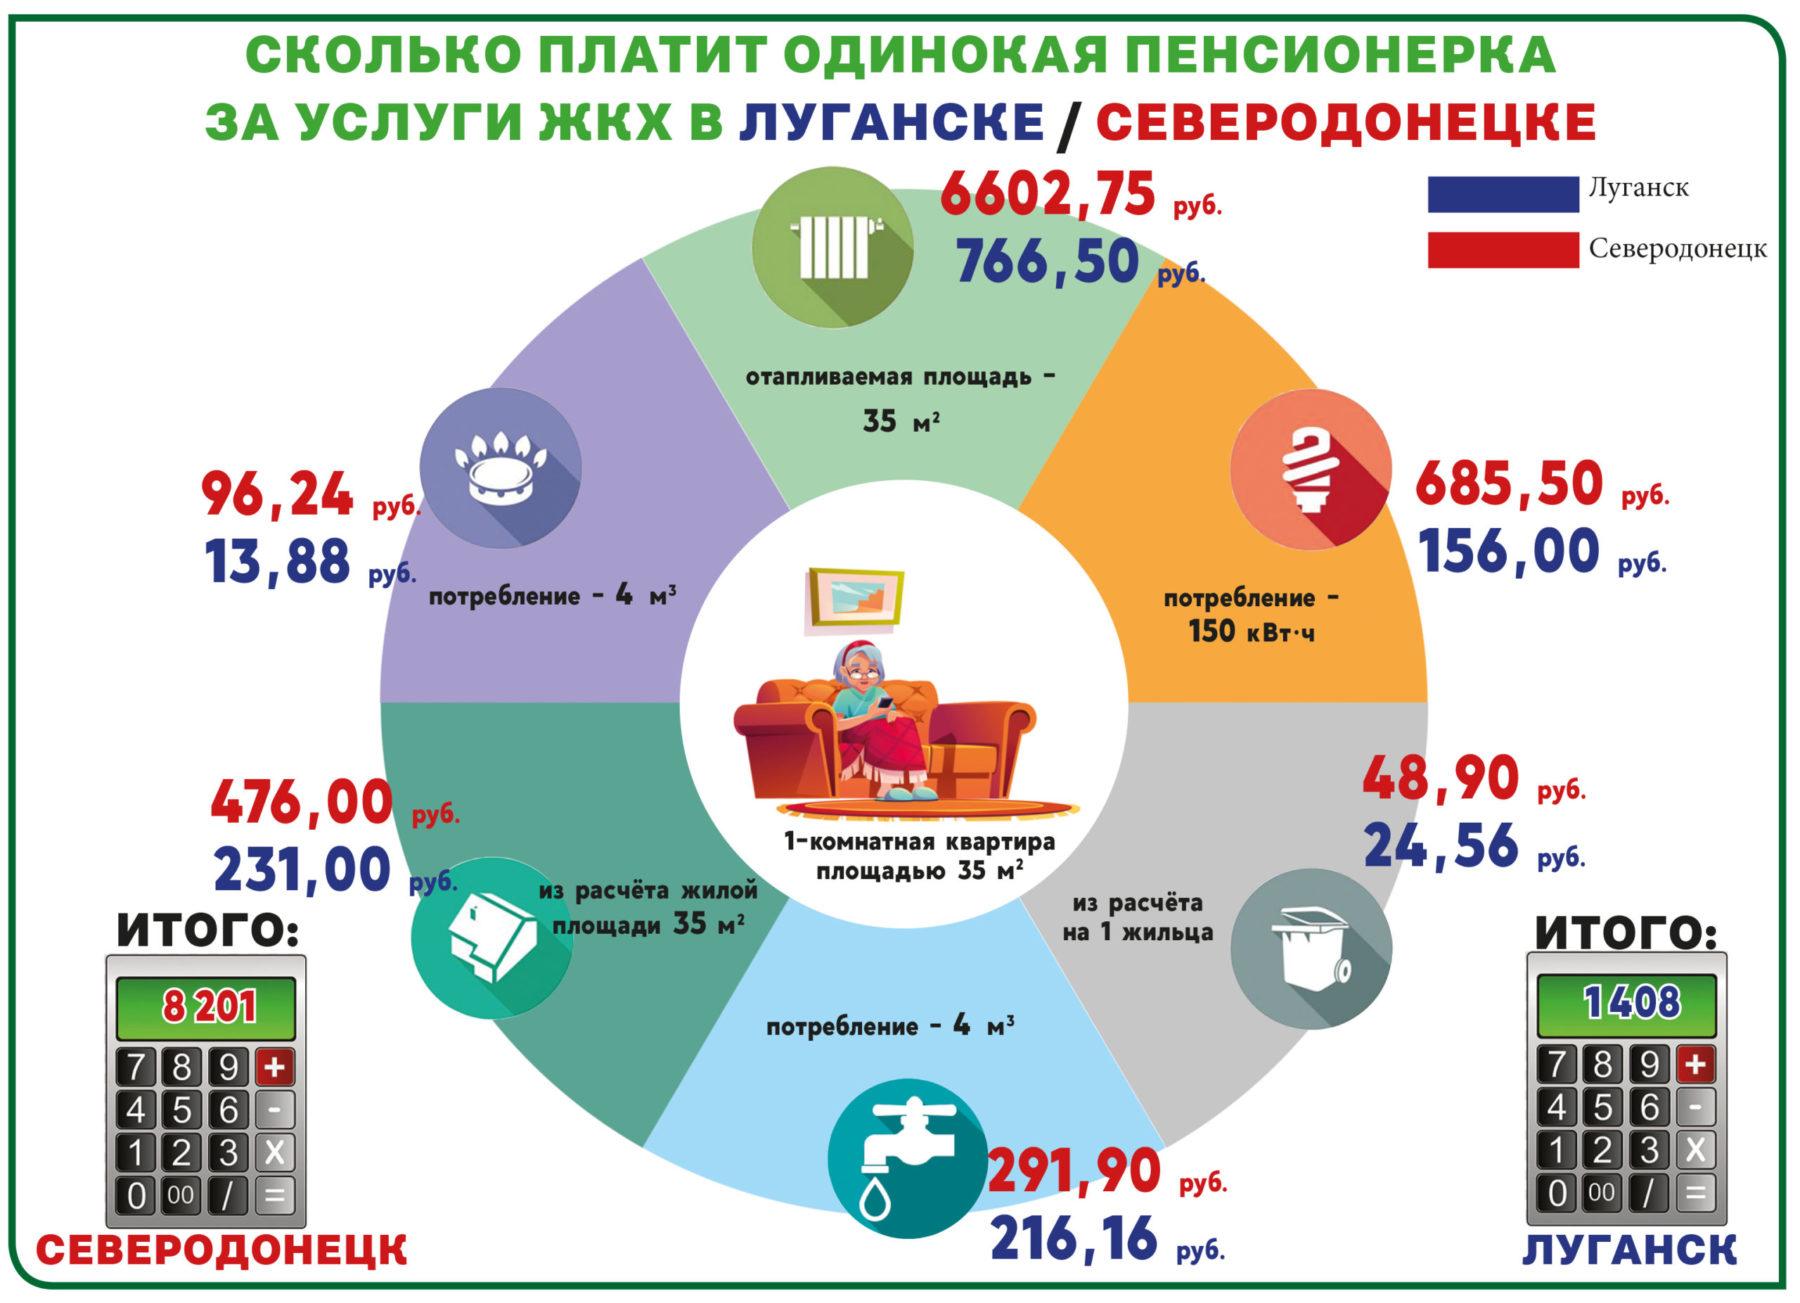 Кто платит за услуги ЖКХ больше: Луганск или Северодонецк? (инфографика) 4